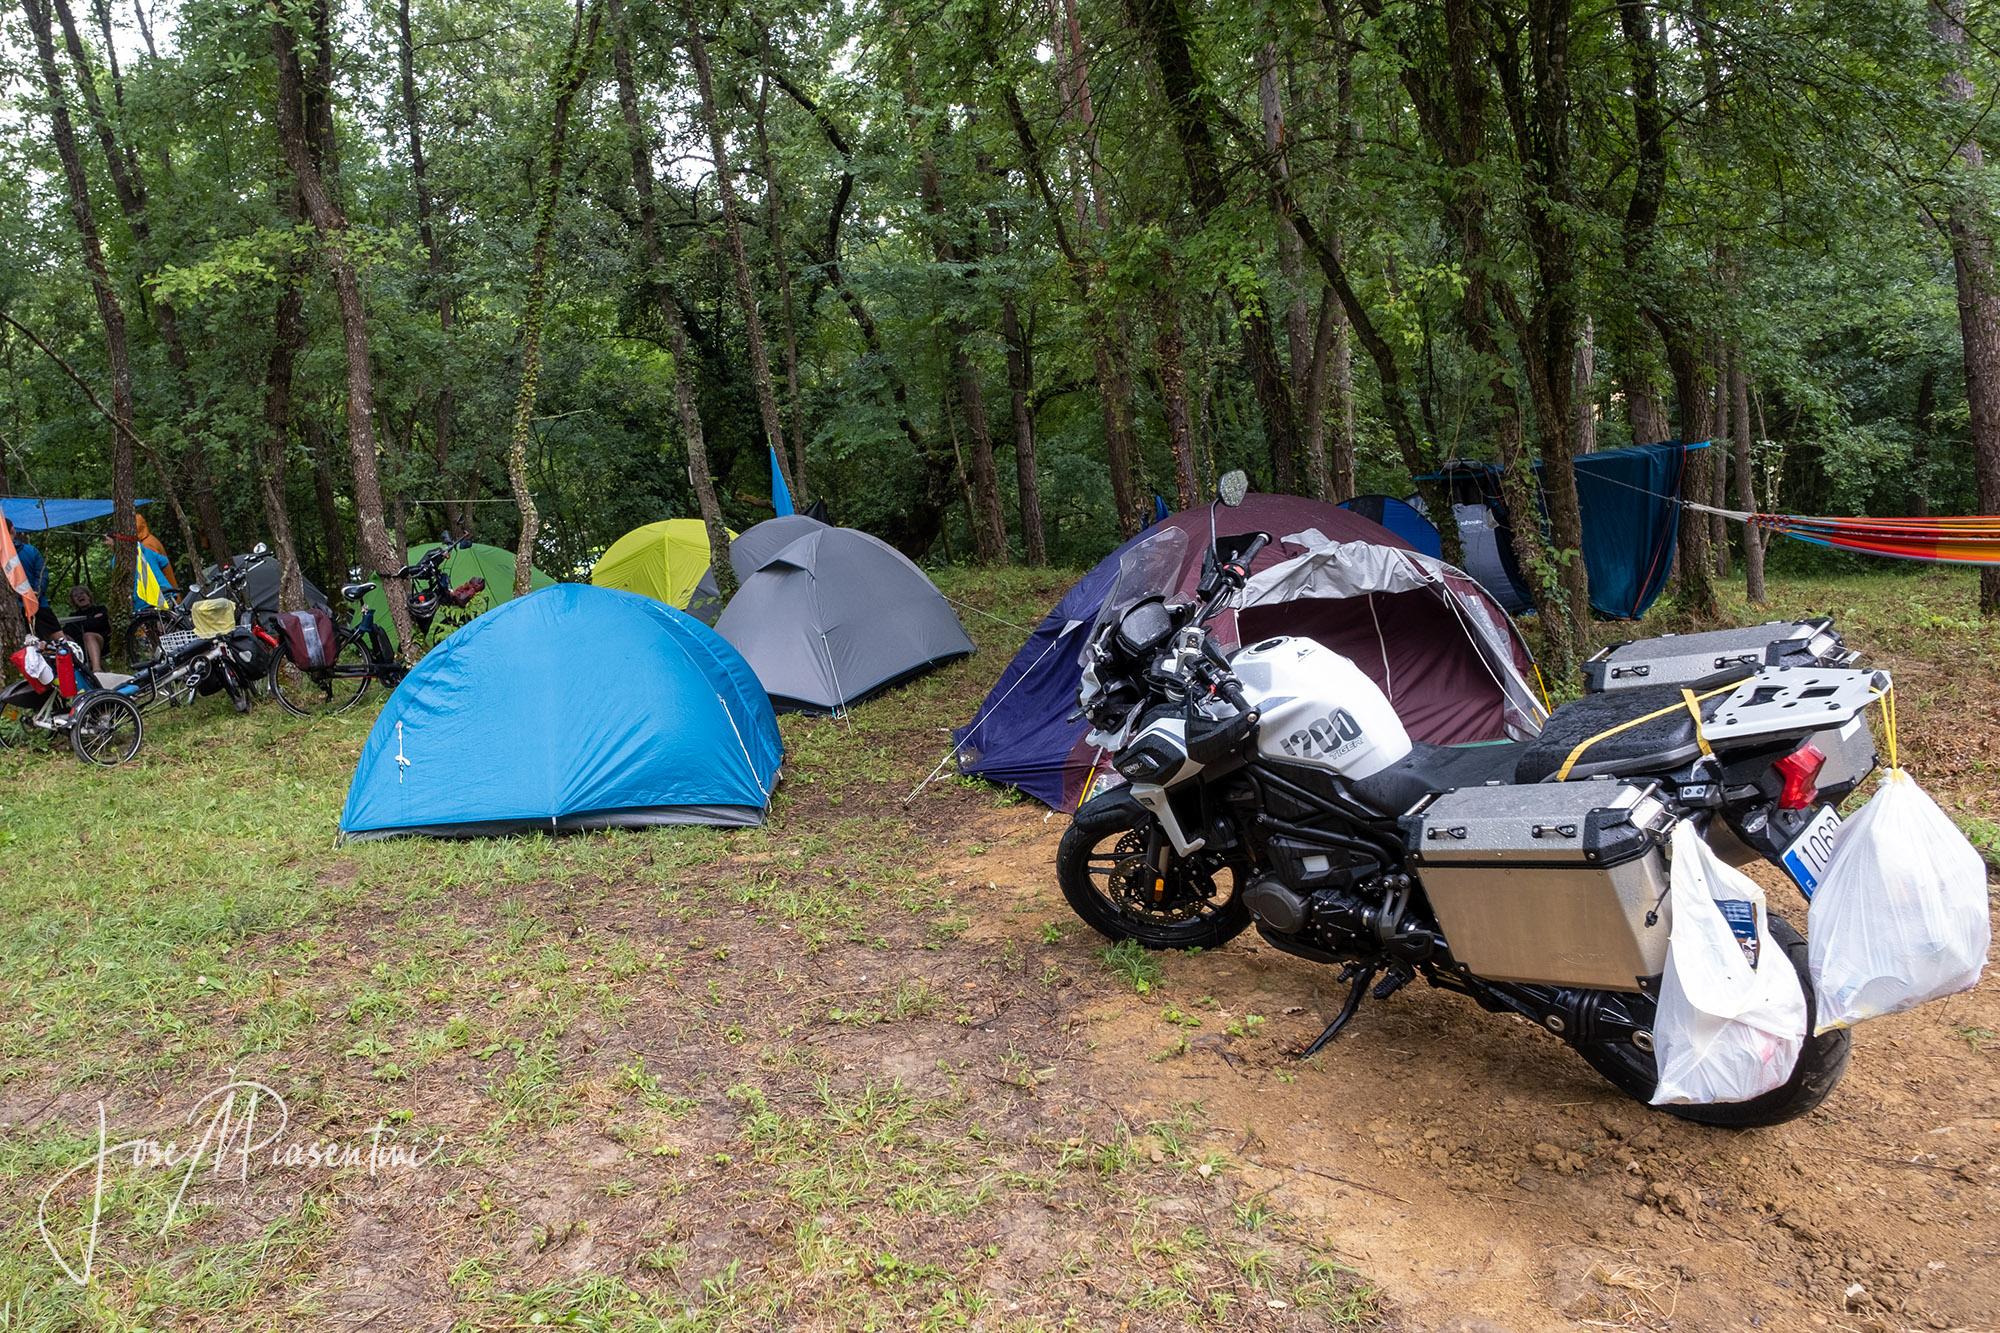 Moto viajeros meeting camper